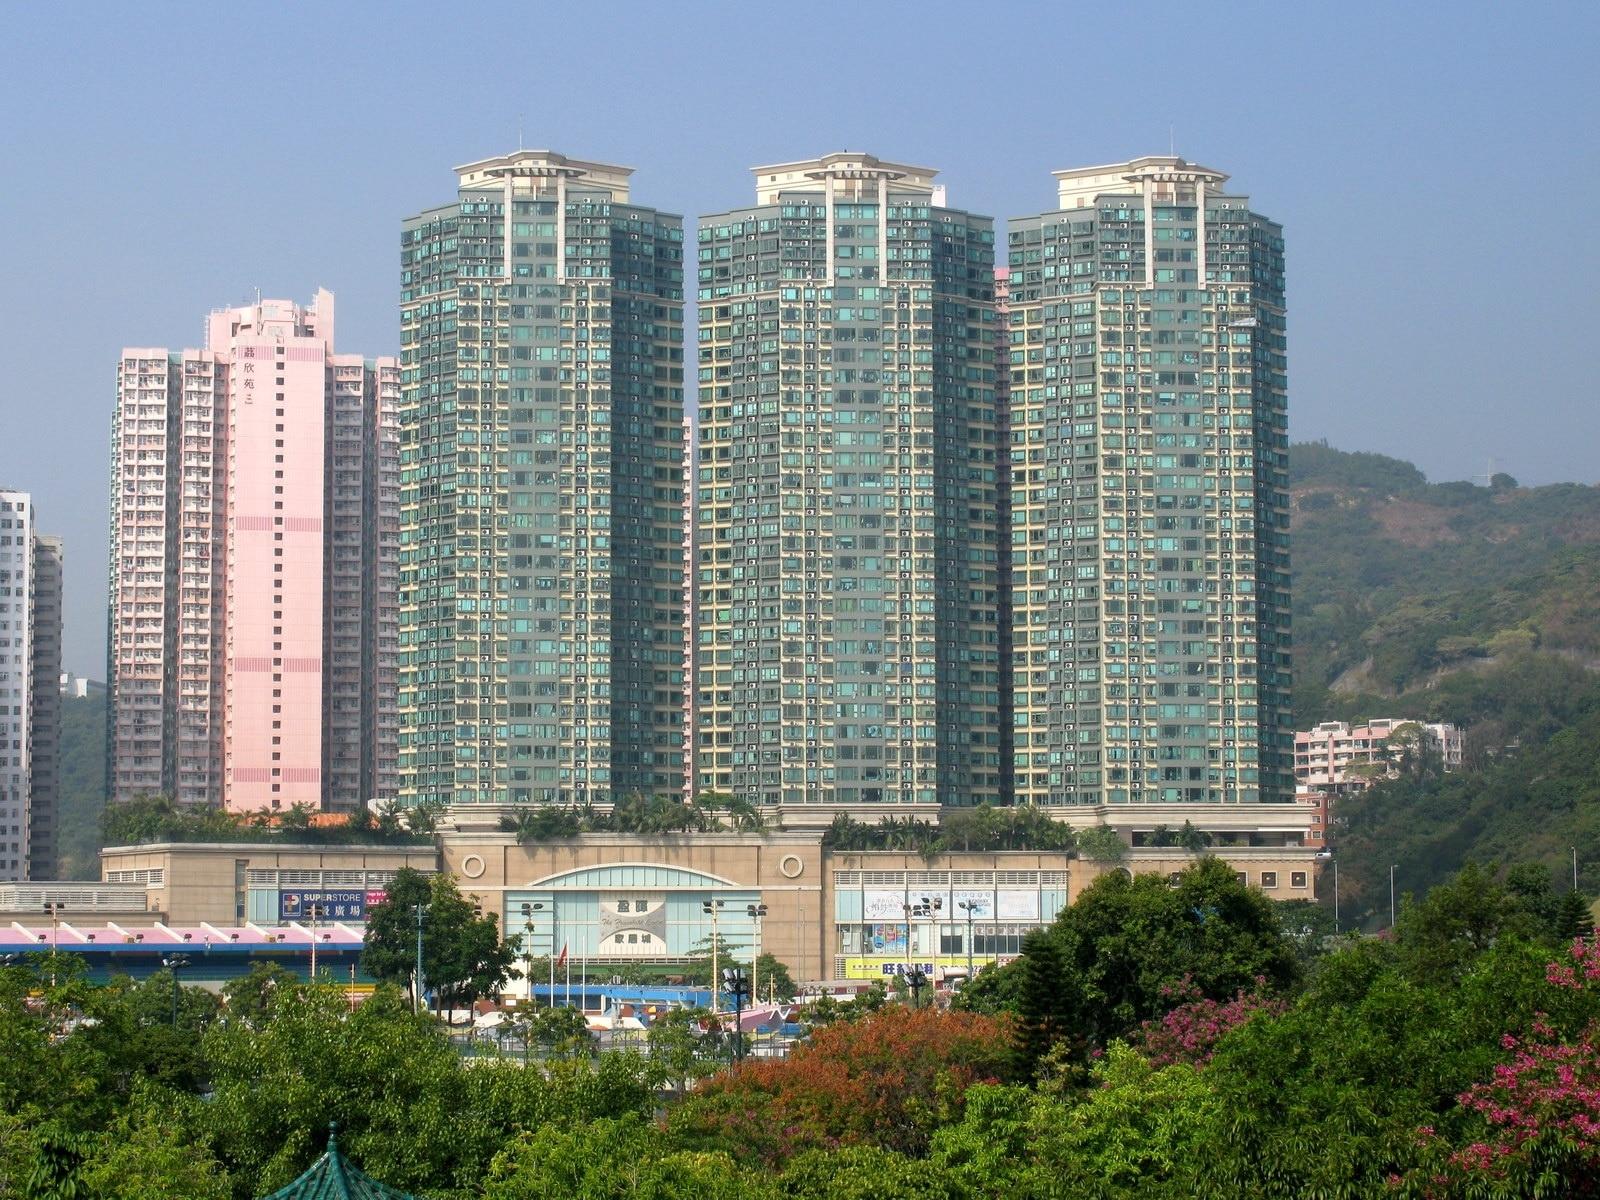 Lai Chi Kok, Hong Kong SAR